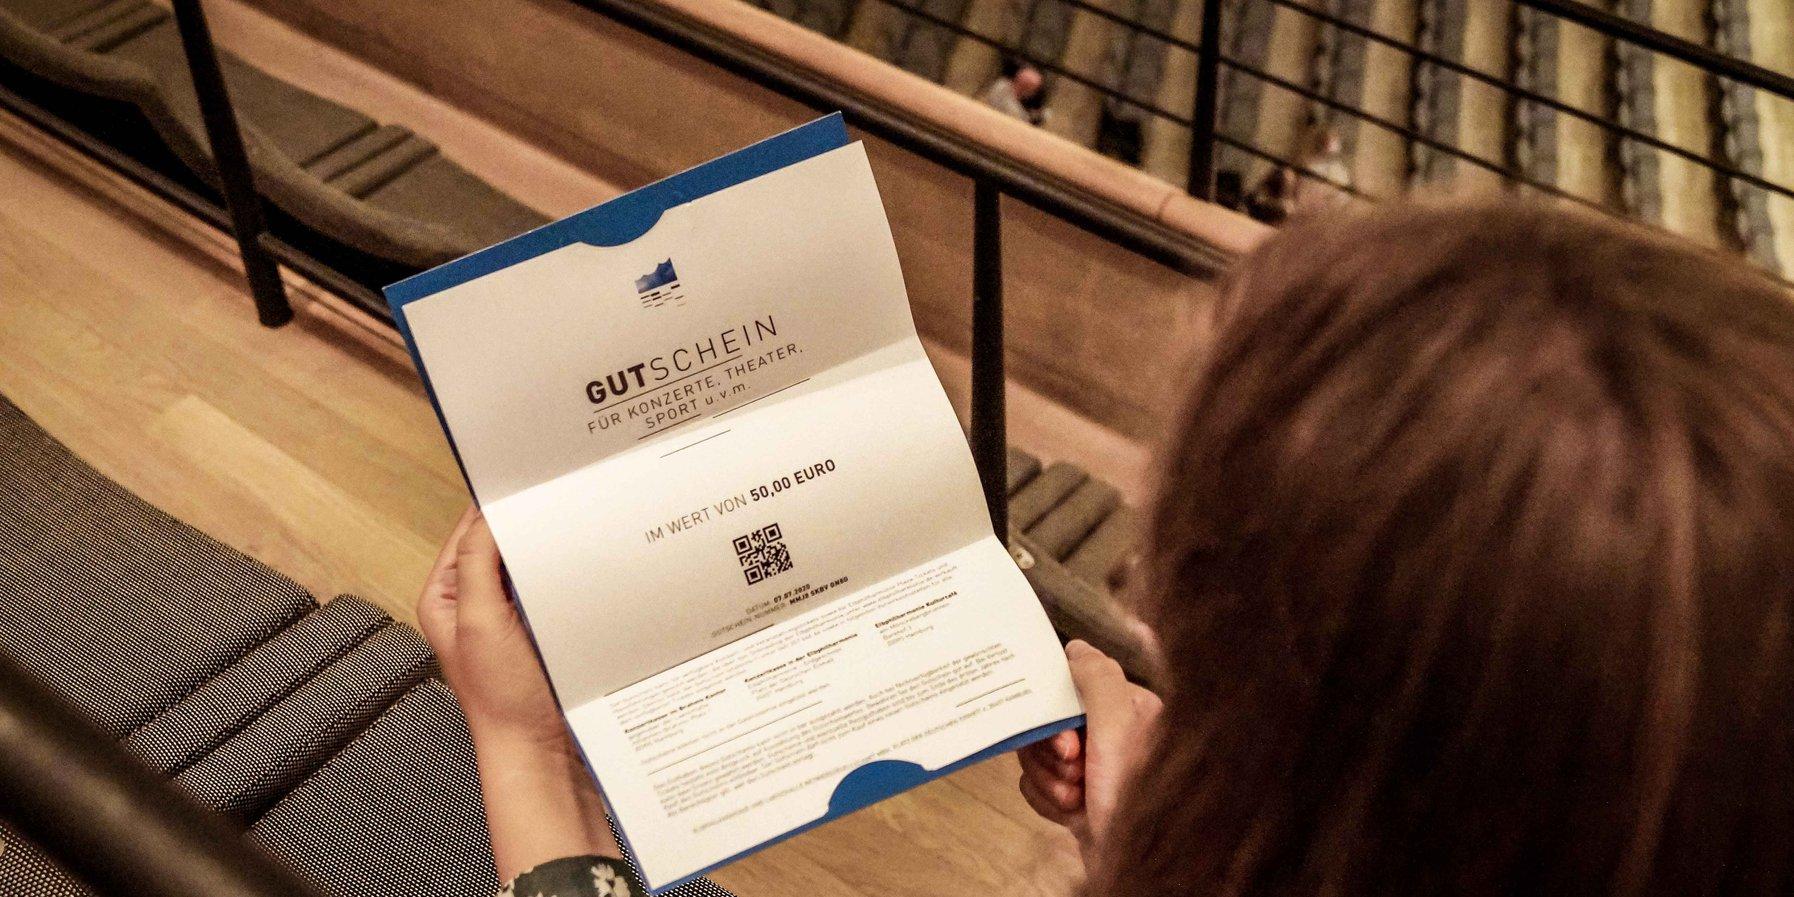 Elbphilharmonie Gutschein